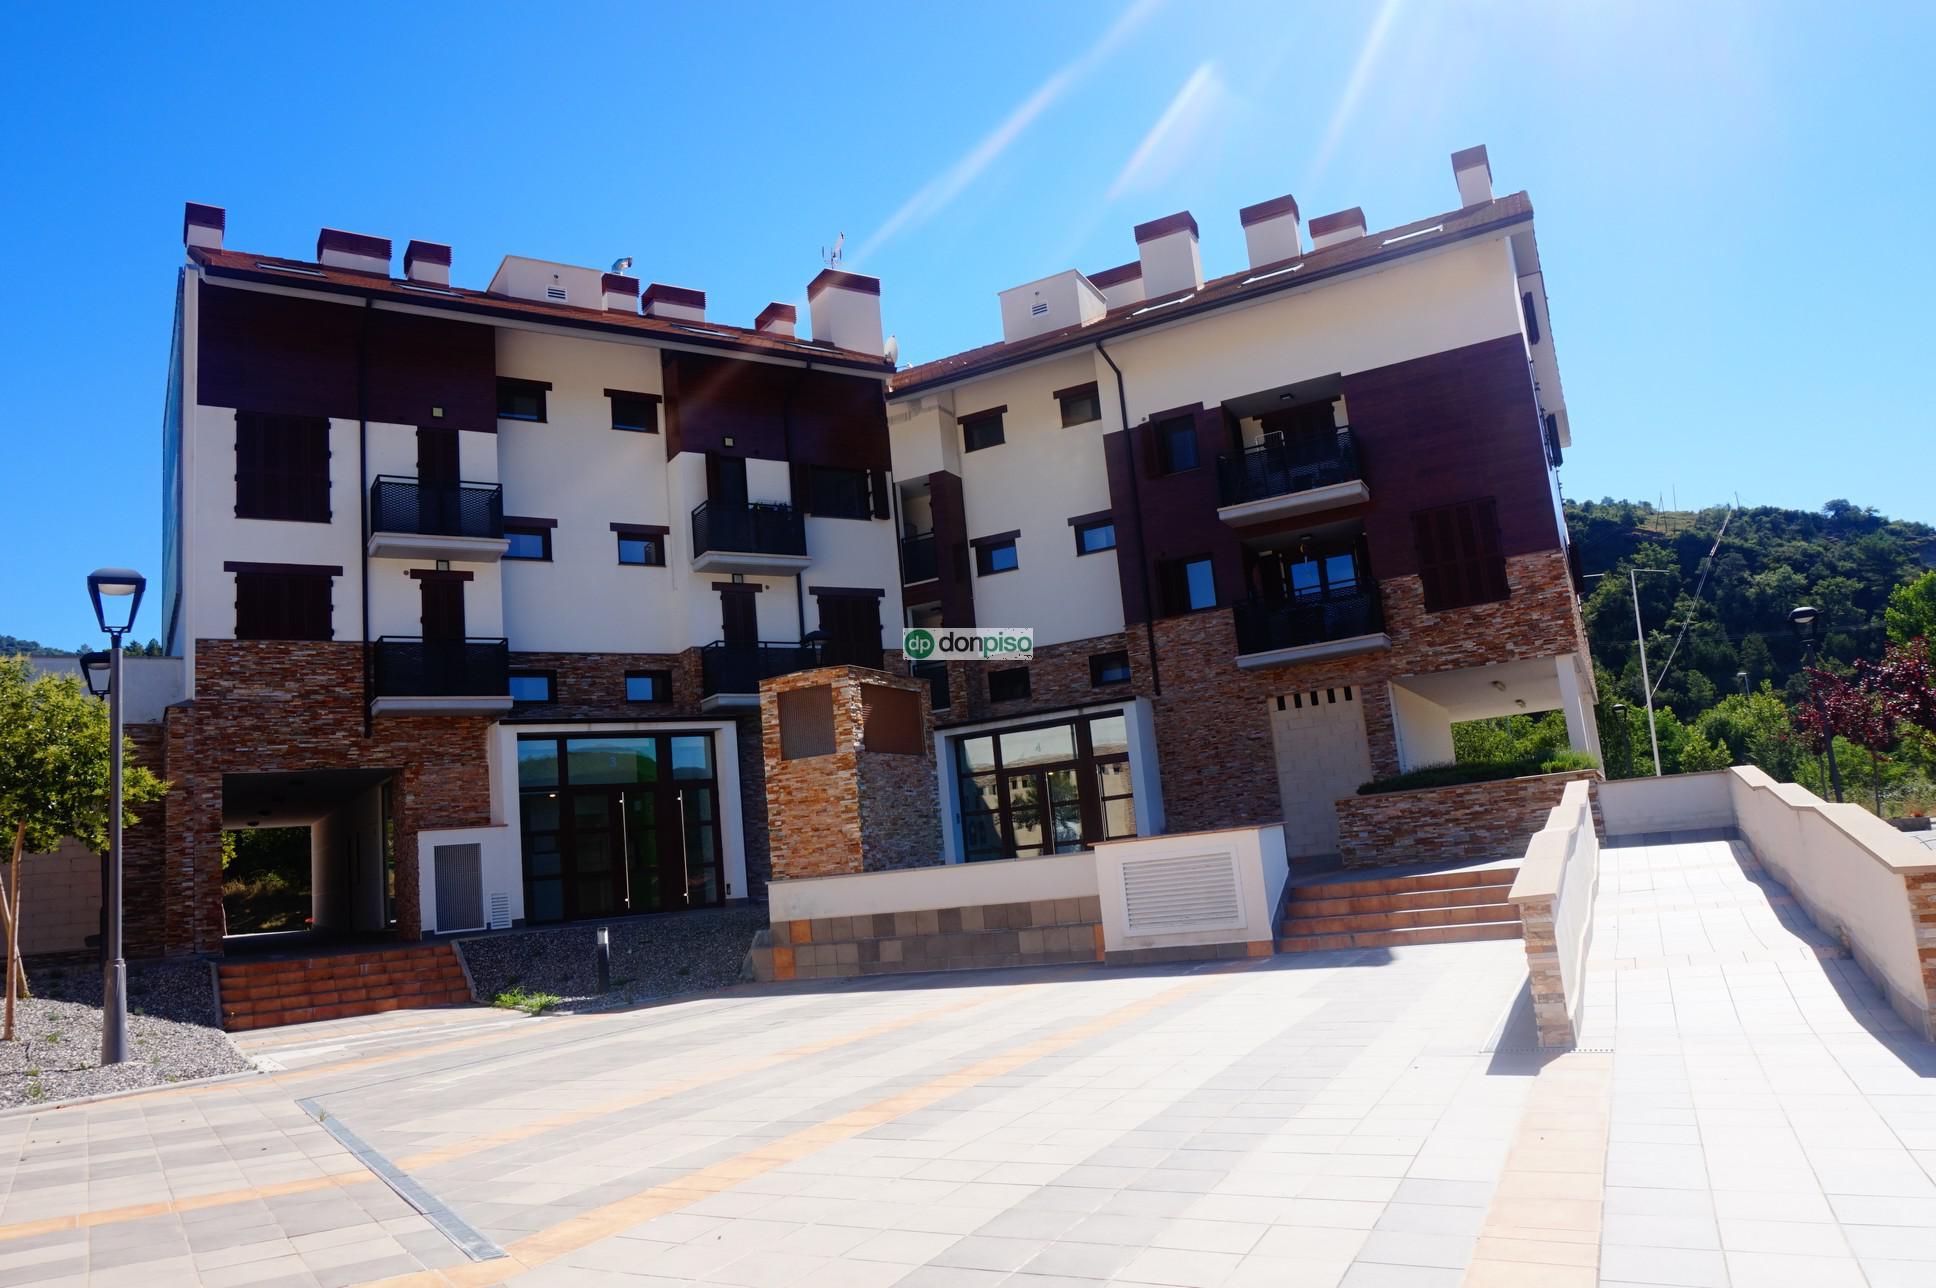 165668 - Hotel balneario Monasterio de Boltaña